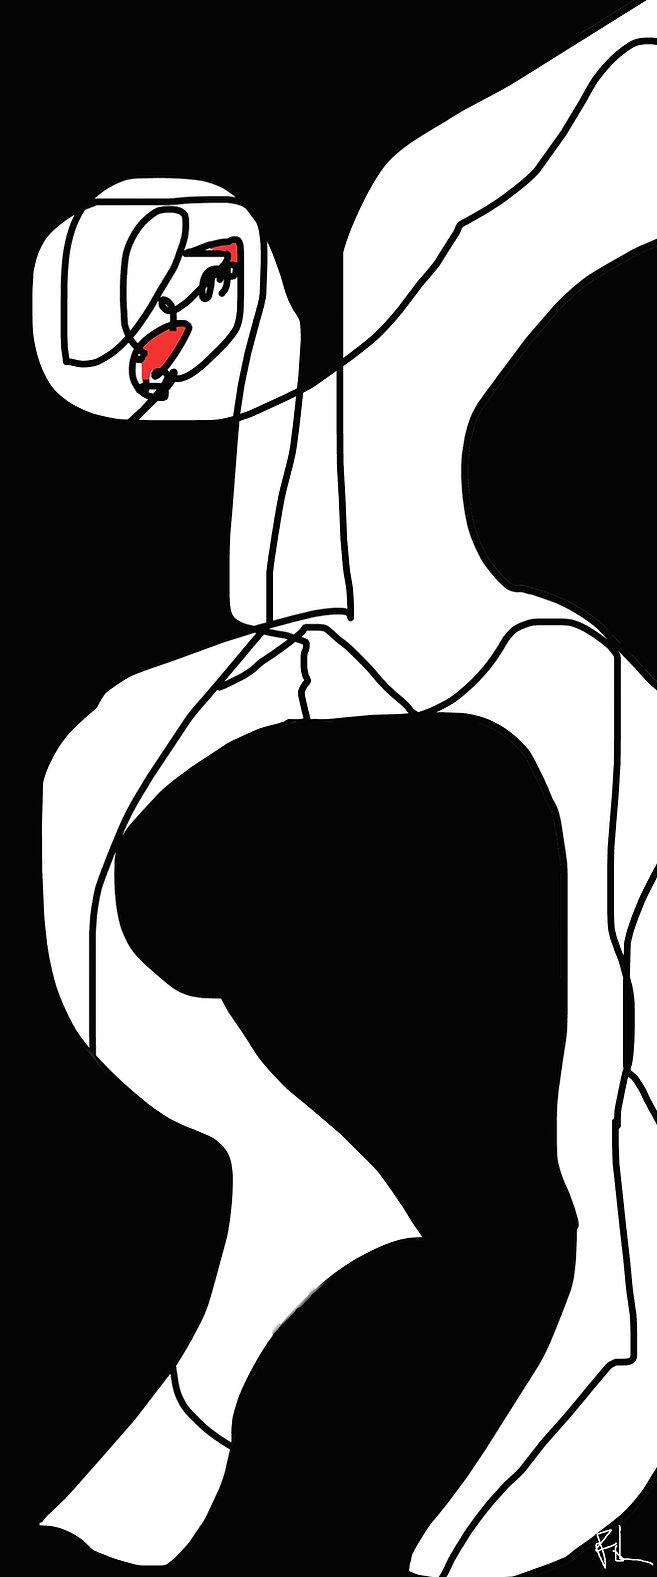 artiste fol humeurs peintre design contemporain beau graphisme vente oeuvre d'art